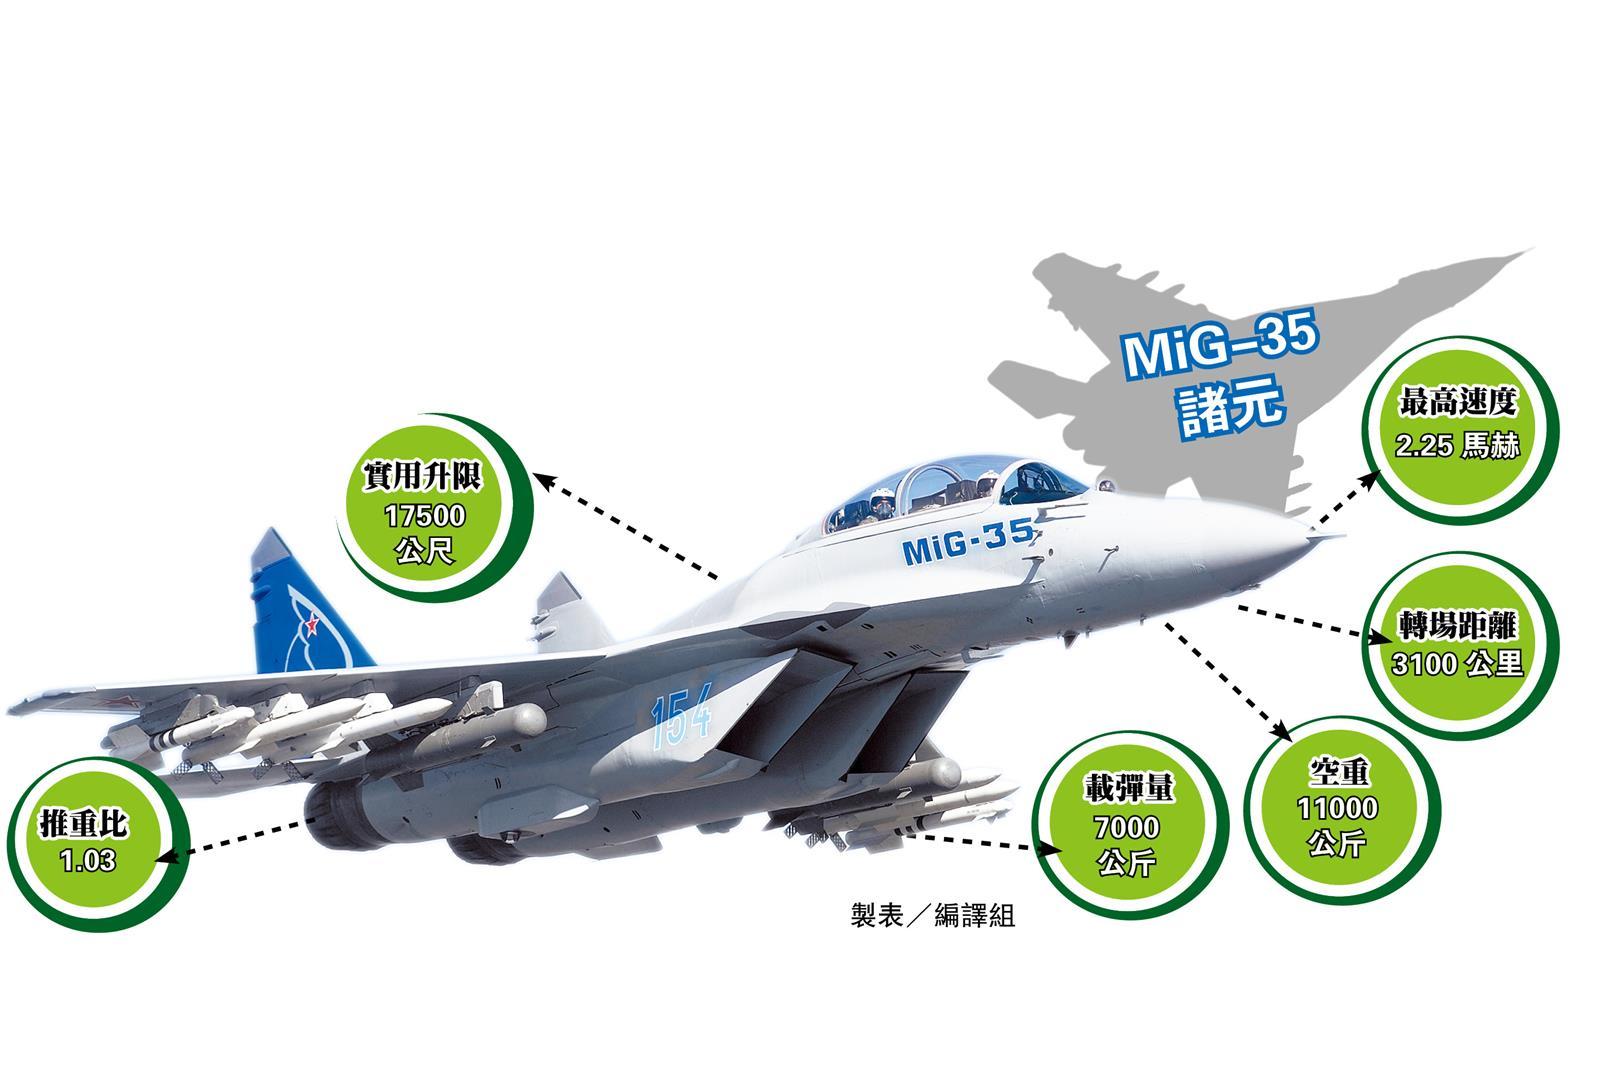 Инфографика МиГ-35 от РСК МиГ, переведенная на китайский язык.